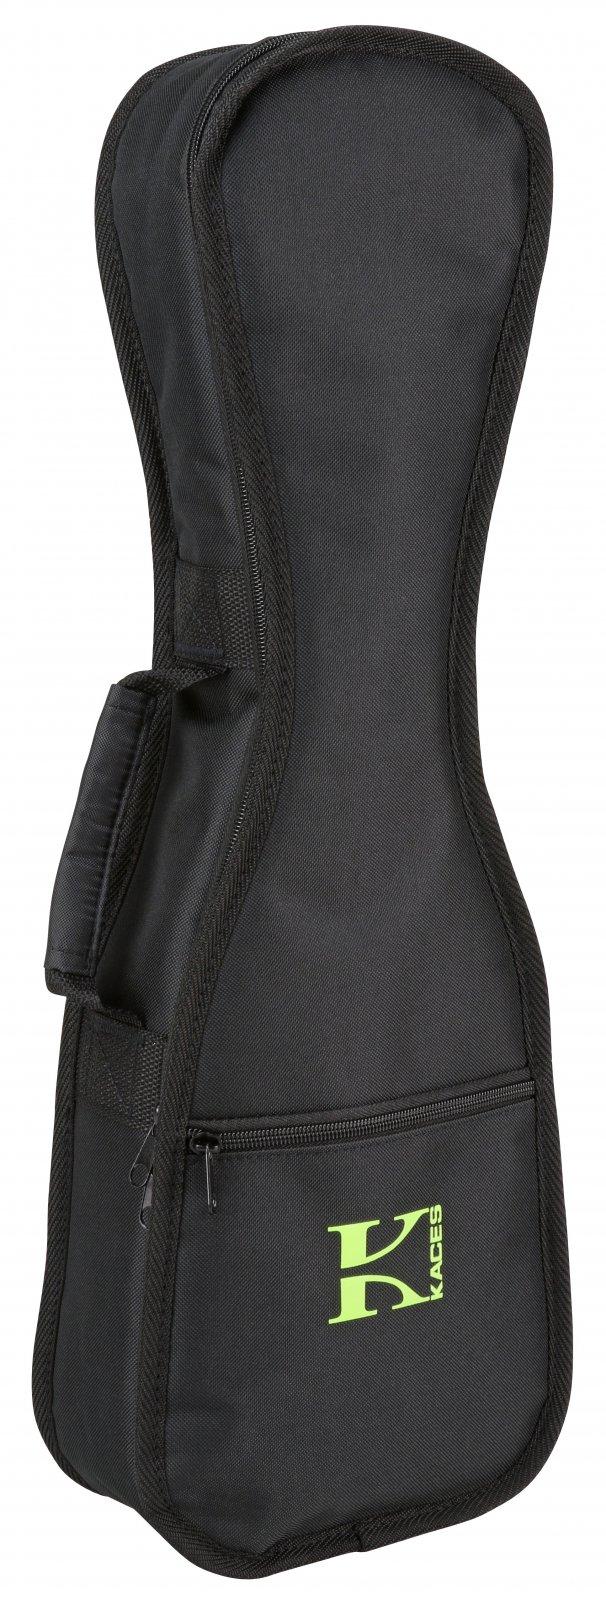 Kaces Soprano Size Ukulele Bag (KEUS3)